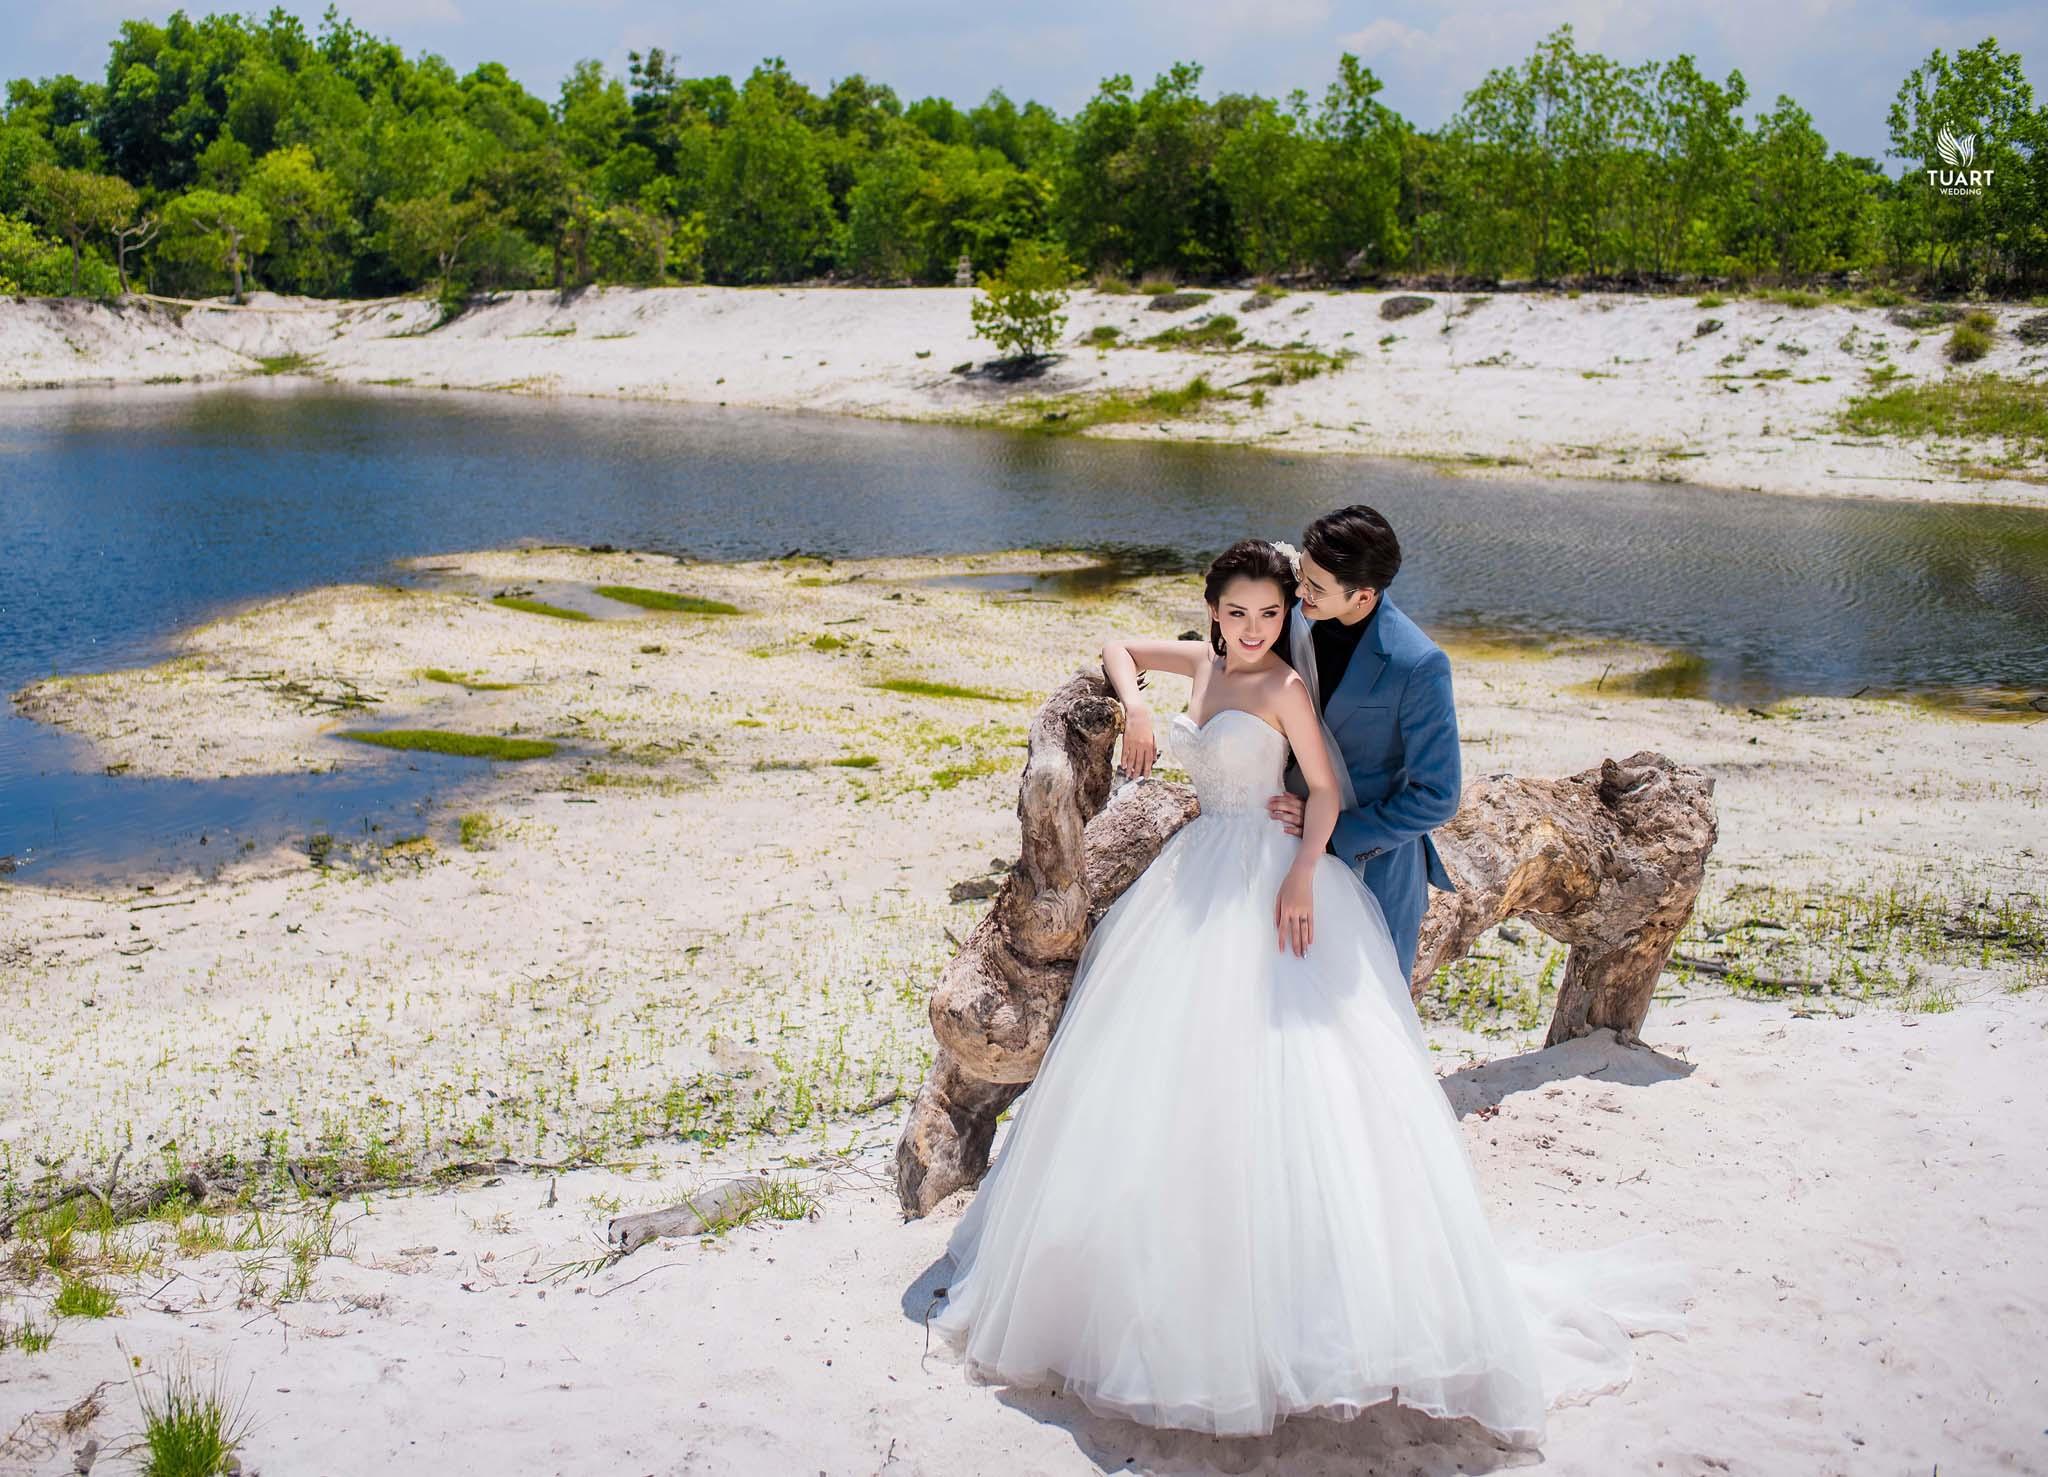 Studio Chụp hình cưới đẹp ở Hồ Cốc – Vũng Tàu 2019 – 2020